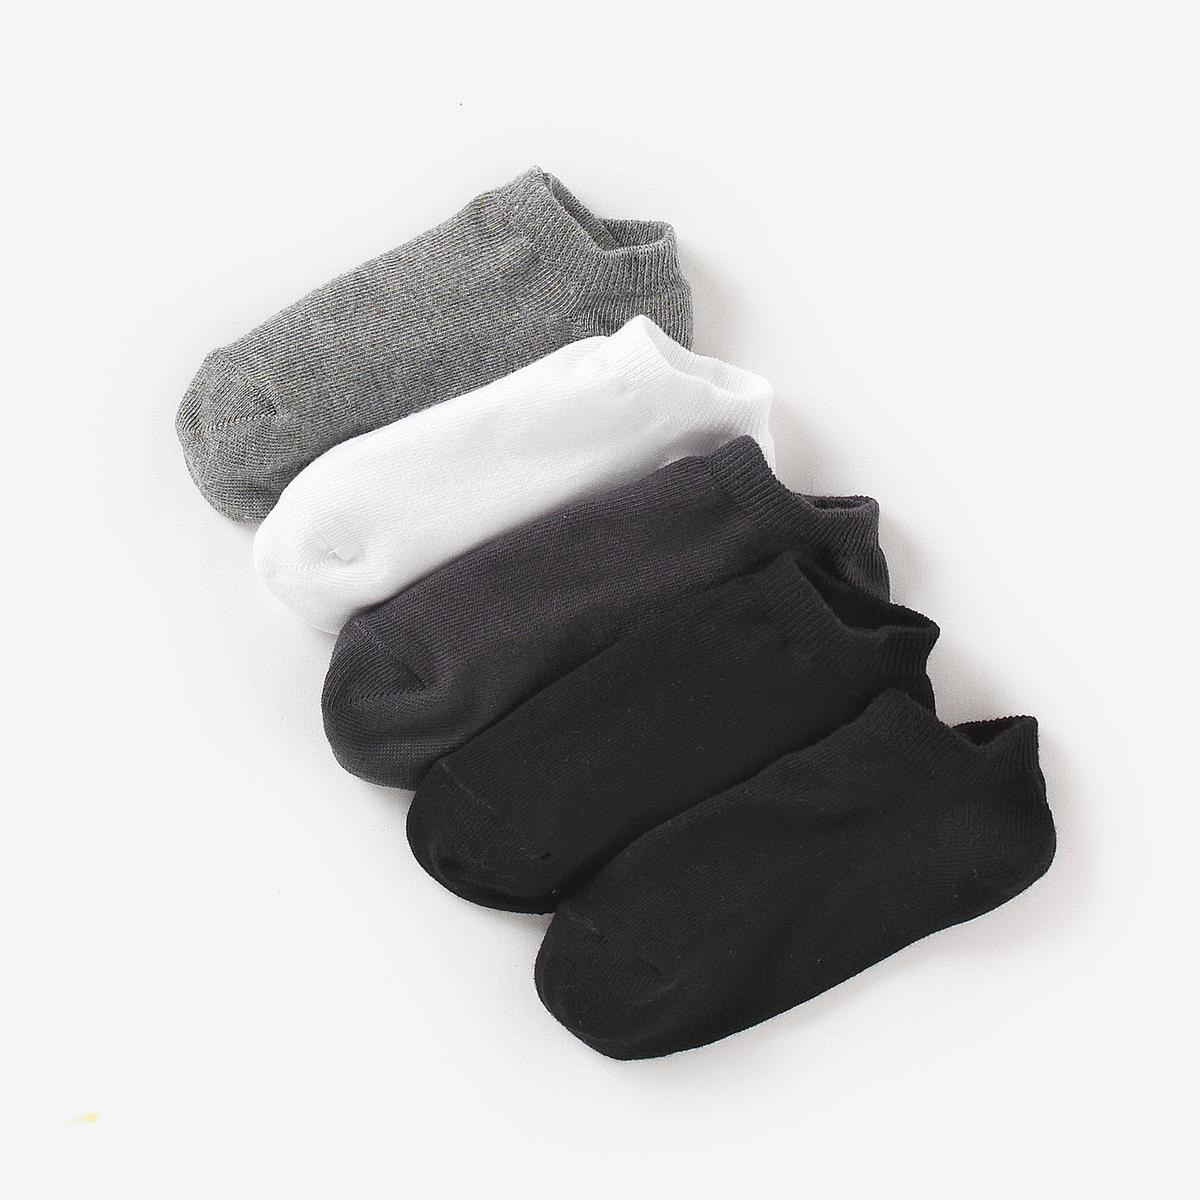 Комплект из 5 пар однотонных носковВ комплекте 5 пар однотонных носков.Состав и описание :    Материал       77% хлопка, 22% полиамида, 1% эластана   Уход: : - Машинная стирка при 30°C с вещами схожих цветов. Машинная сушка в умеренном режиме. Гладить на низкой температуре.<br><br>Цвет: белый,черный + серый + белый<br>Размер: 19/22.39/42.35/38.31/34.27/30.35/38.27/30.31/34.23/26.23/26.19/22